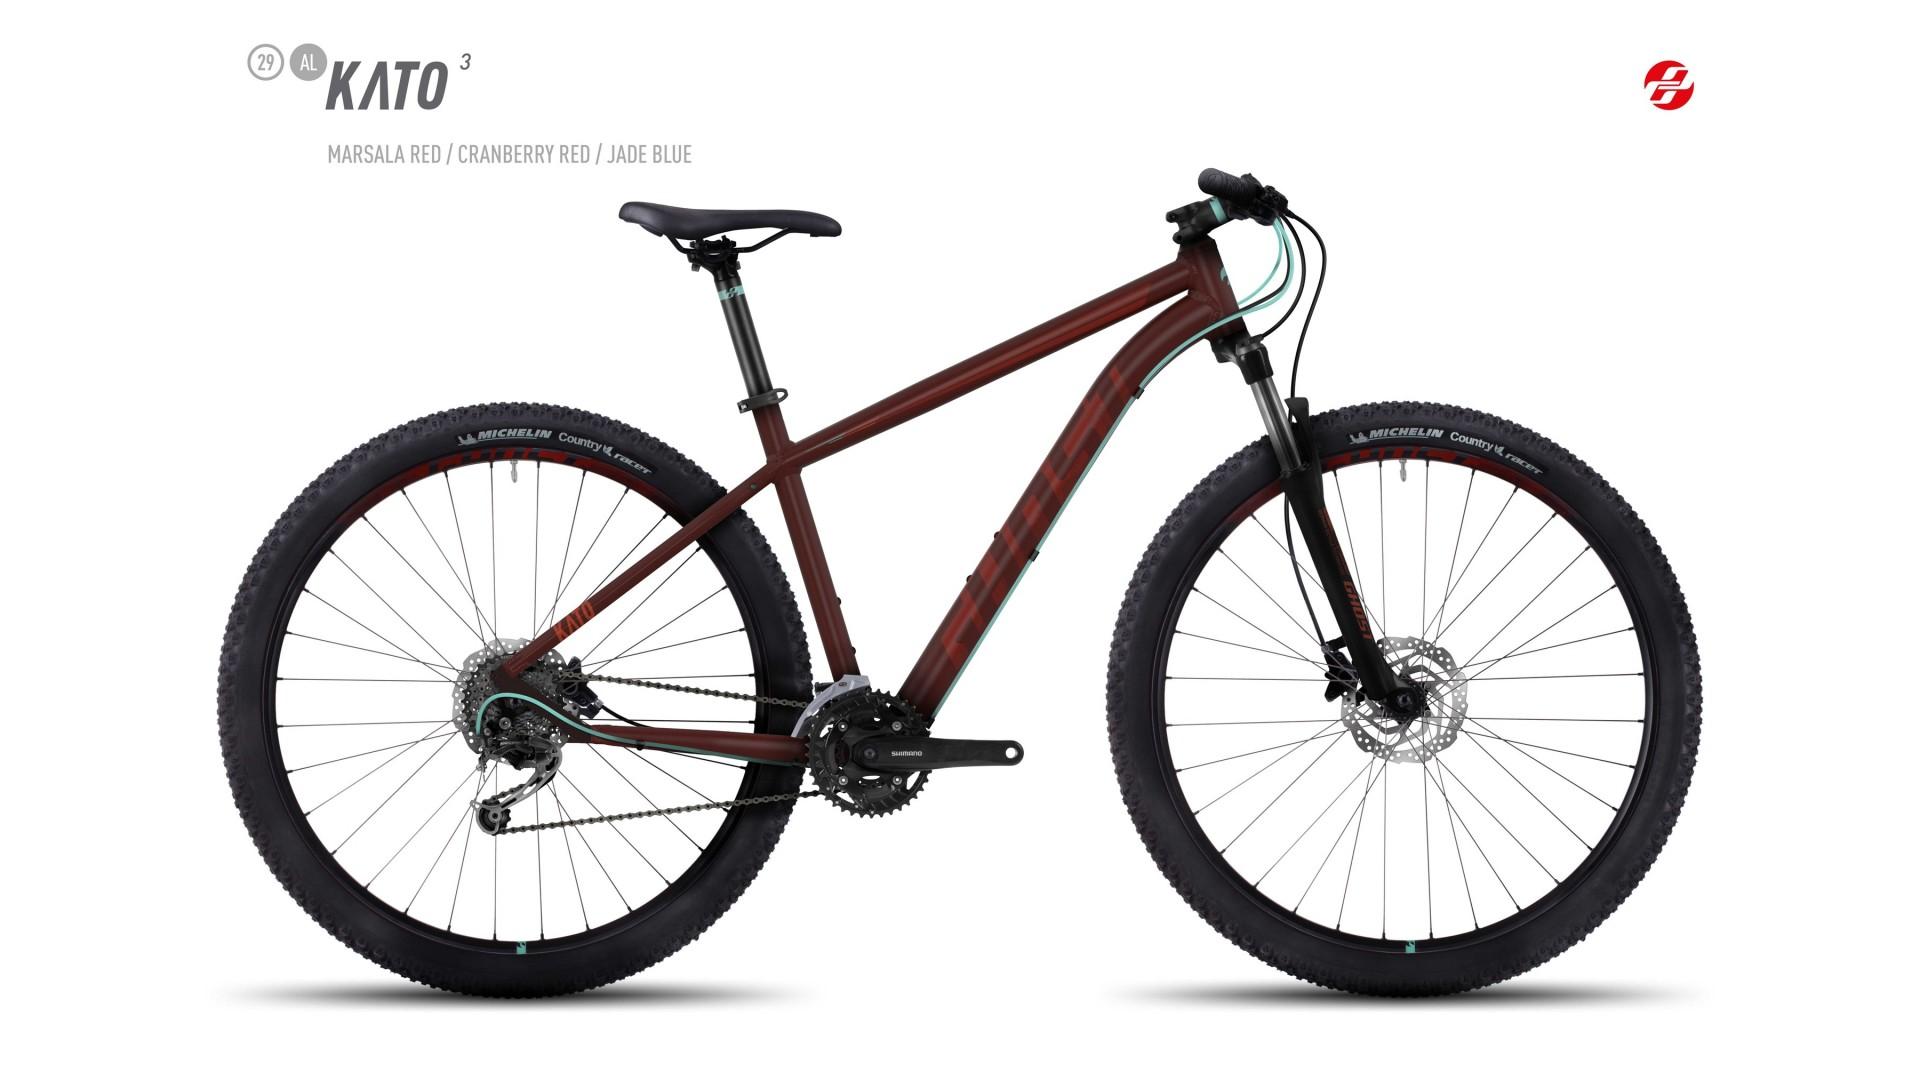 Велосипед GHOST Kato 3 AL 29 marsalared/cranberryred/jadeblue год 2017